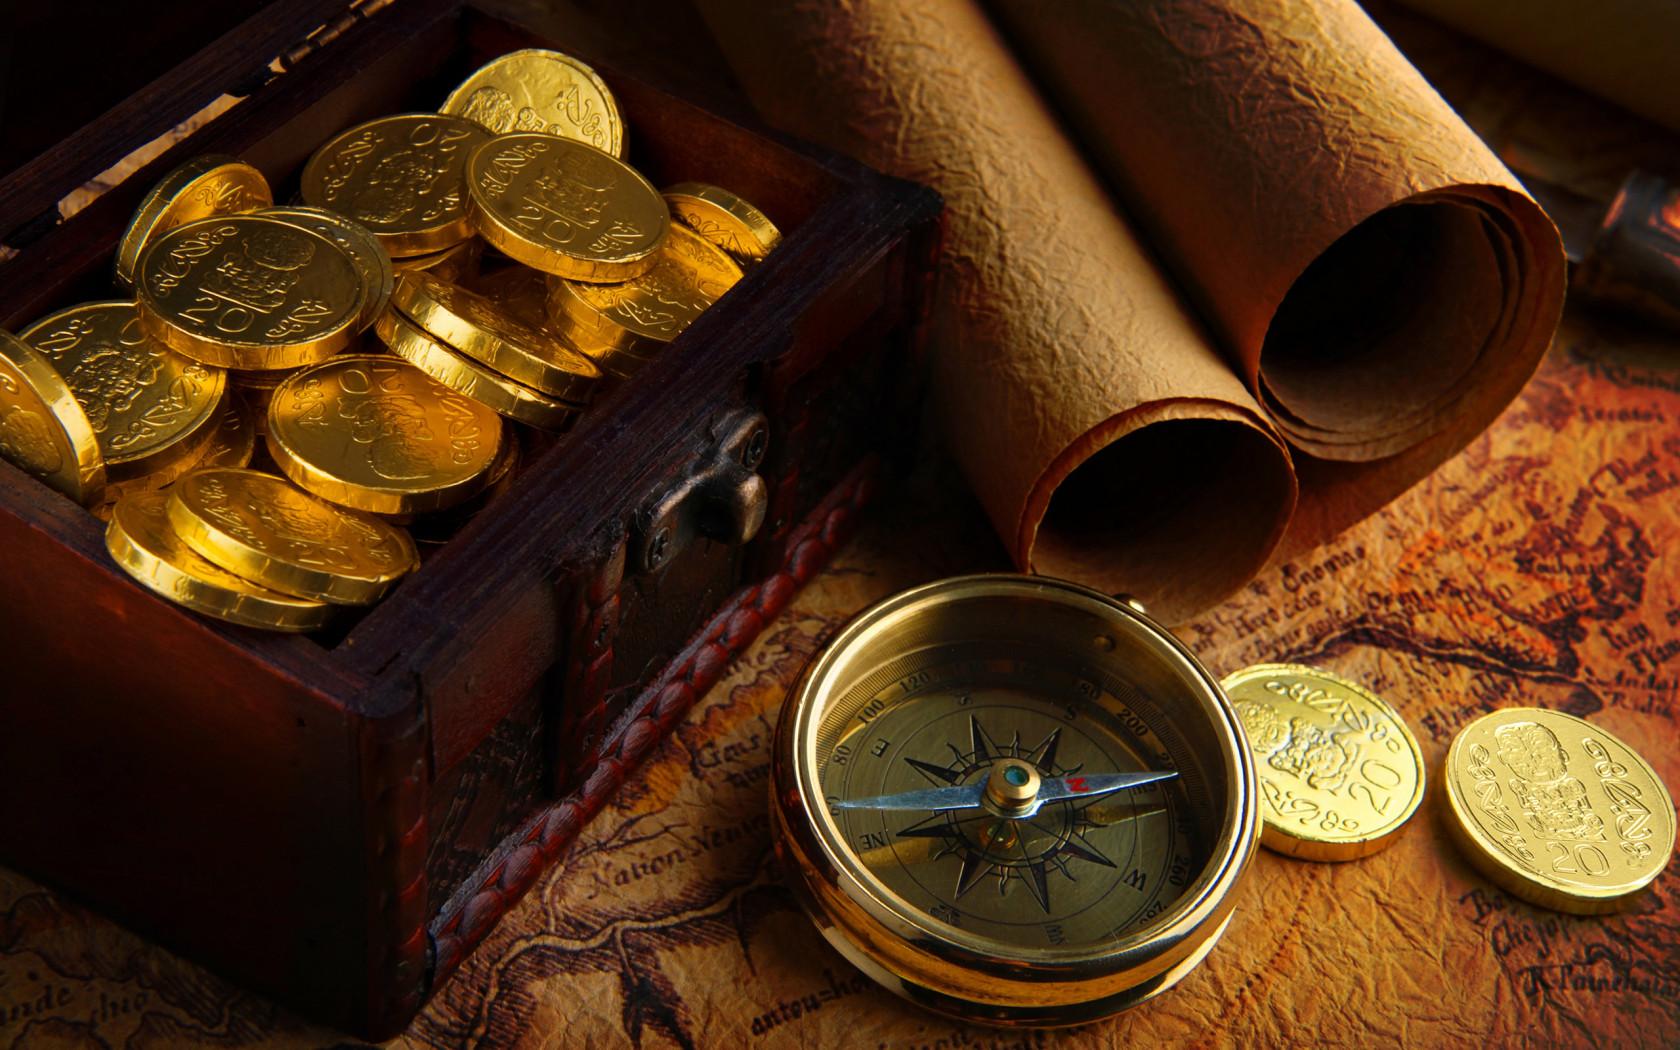 Desktop wallpapers » Creative Wallpaper » Gold Pirate Treasure ...